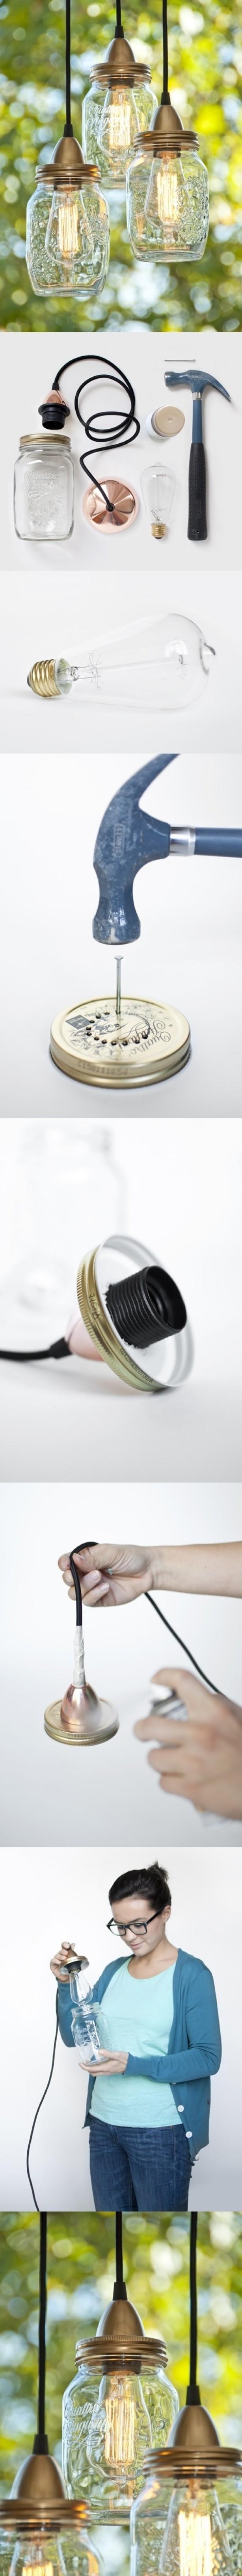 Zelfmaak+lamp+van+een+glazen+pot